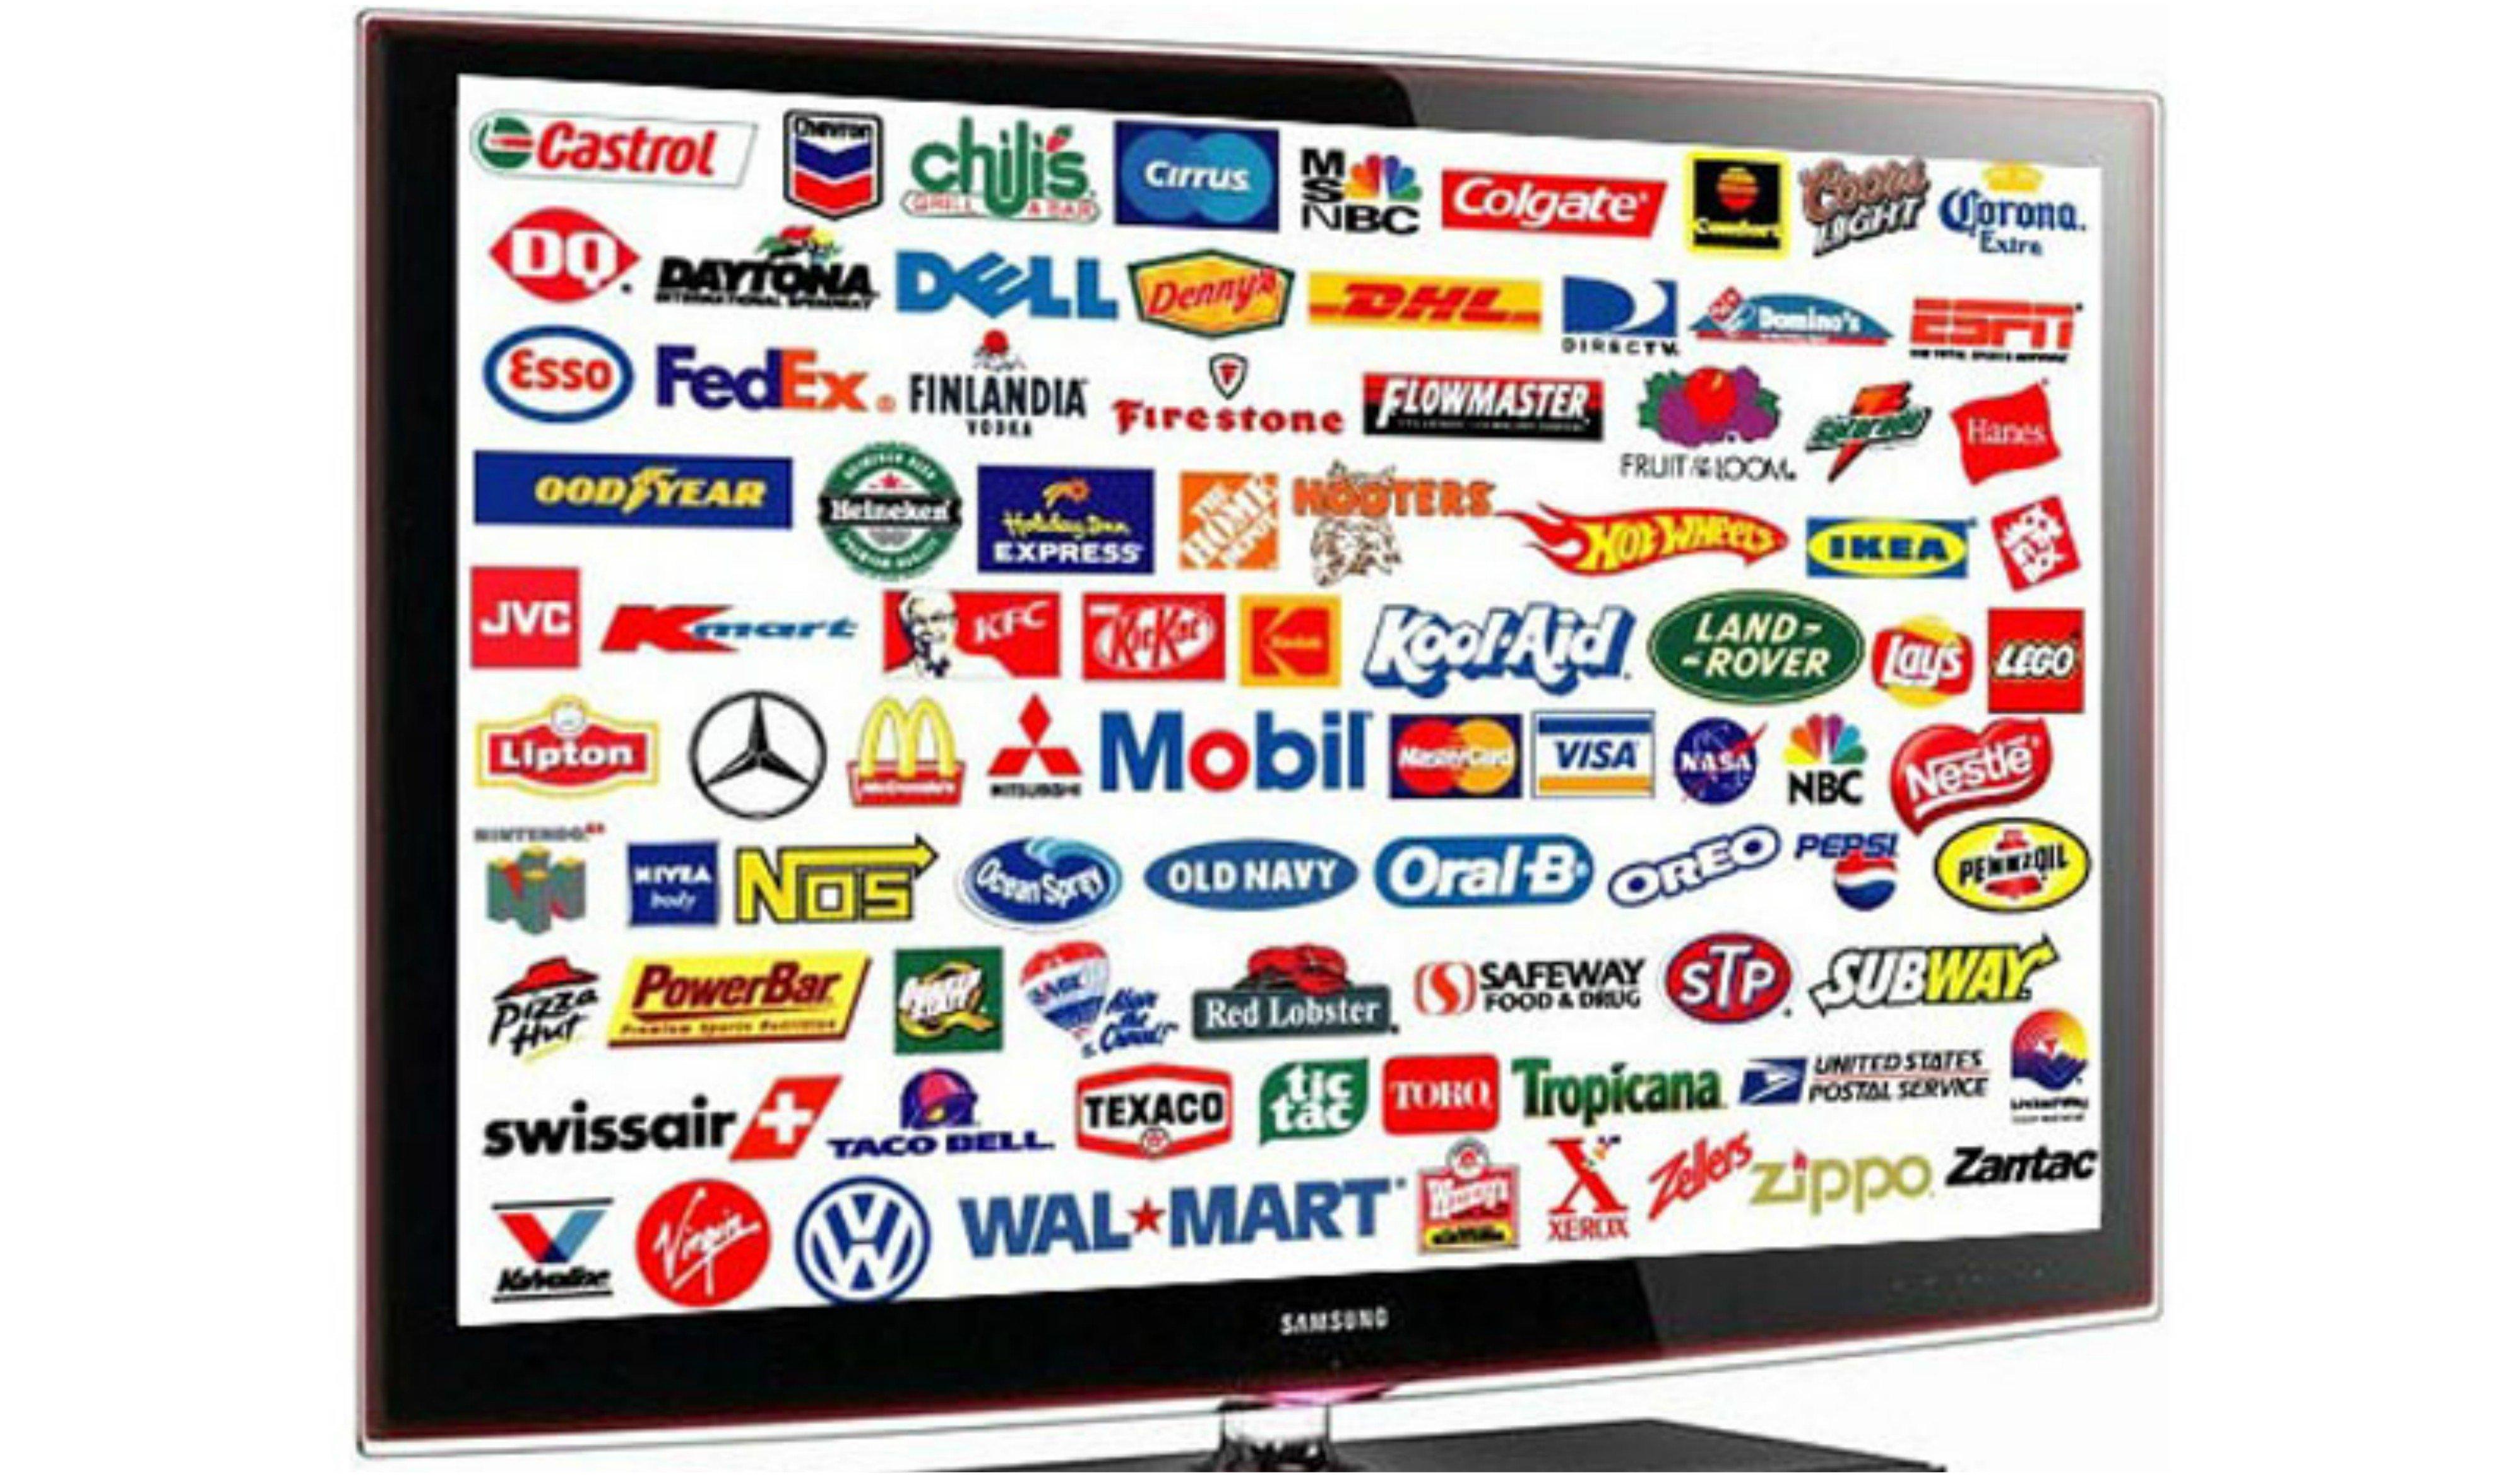 Los precios de la publicidad caen un 3,2% en tasa anual durante el cuatro trimestre de 2019